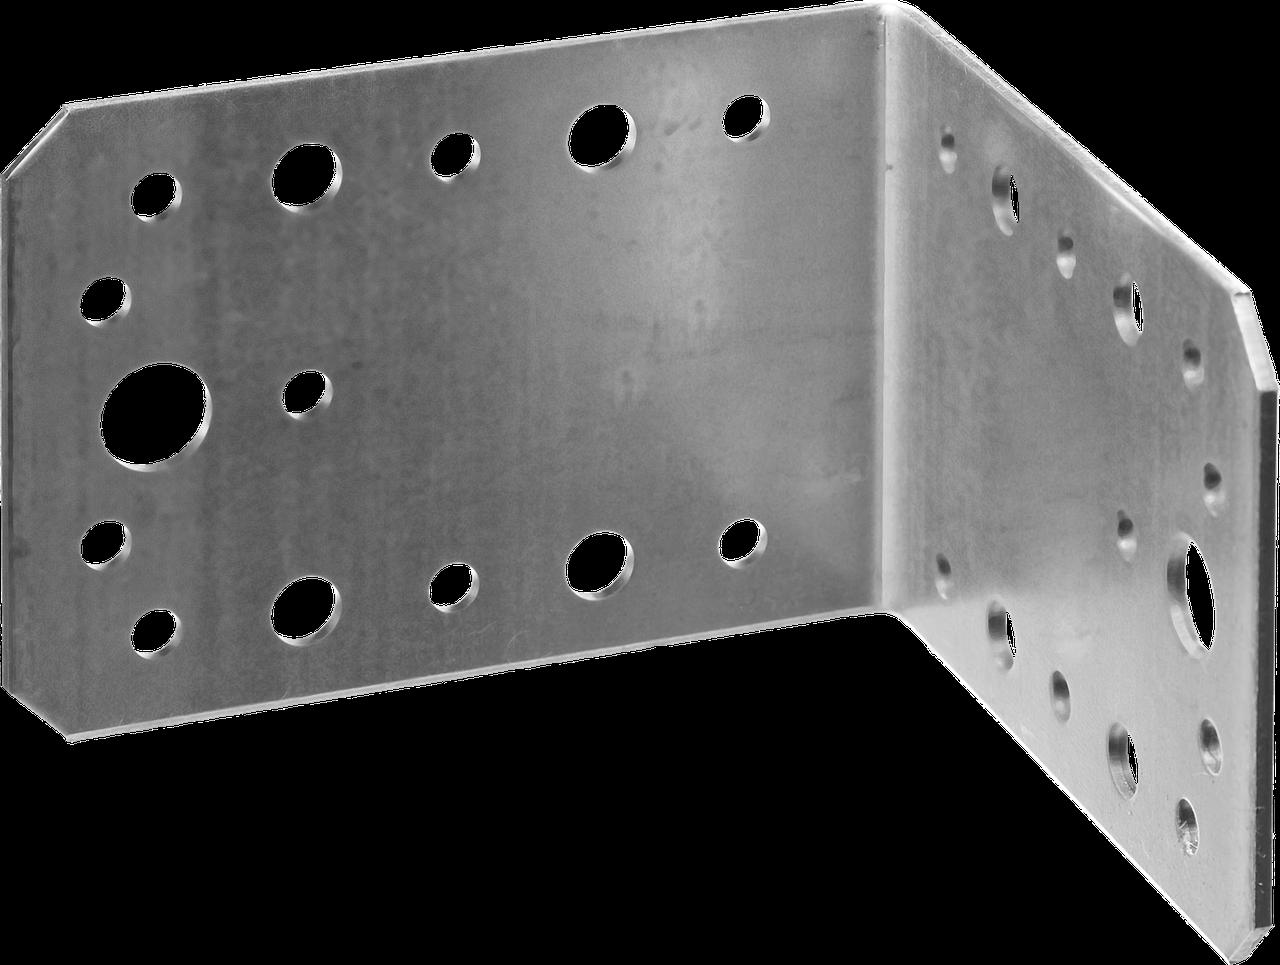 Уголок крепежный УК-2.0, 35х50х50 х 2мм, ЗУБР 11, 65 х 90 х 90